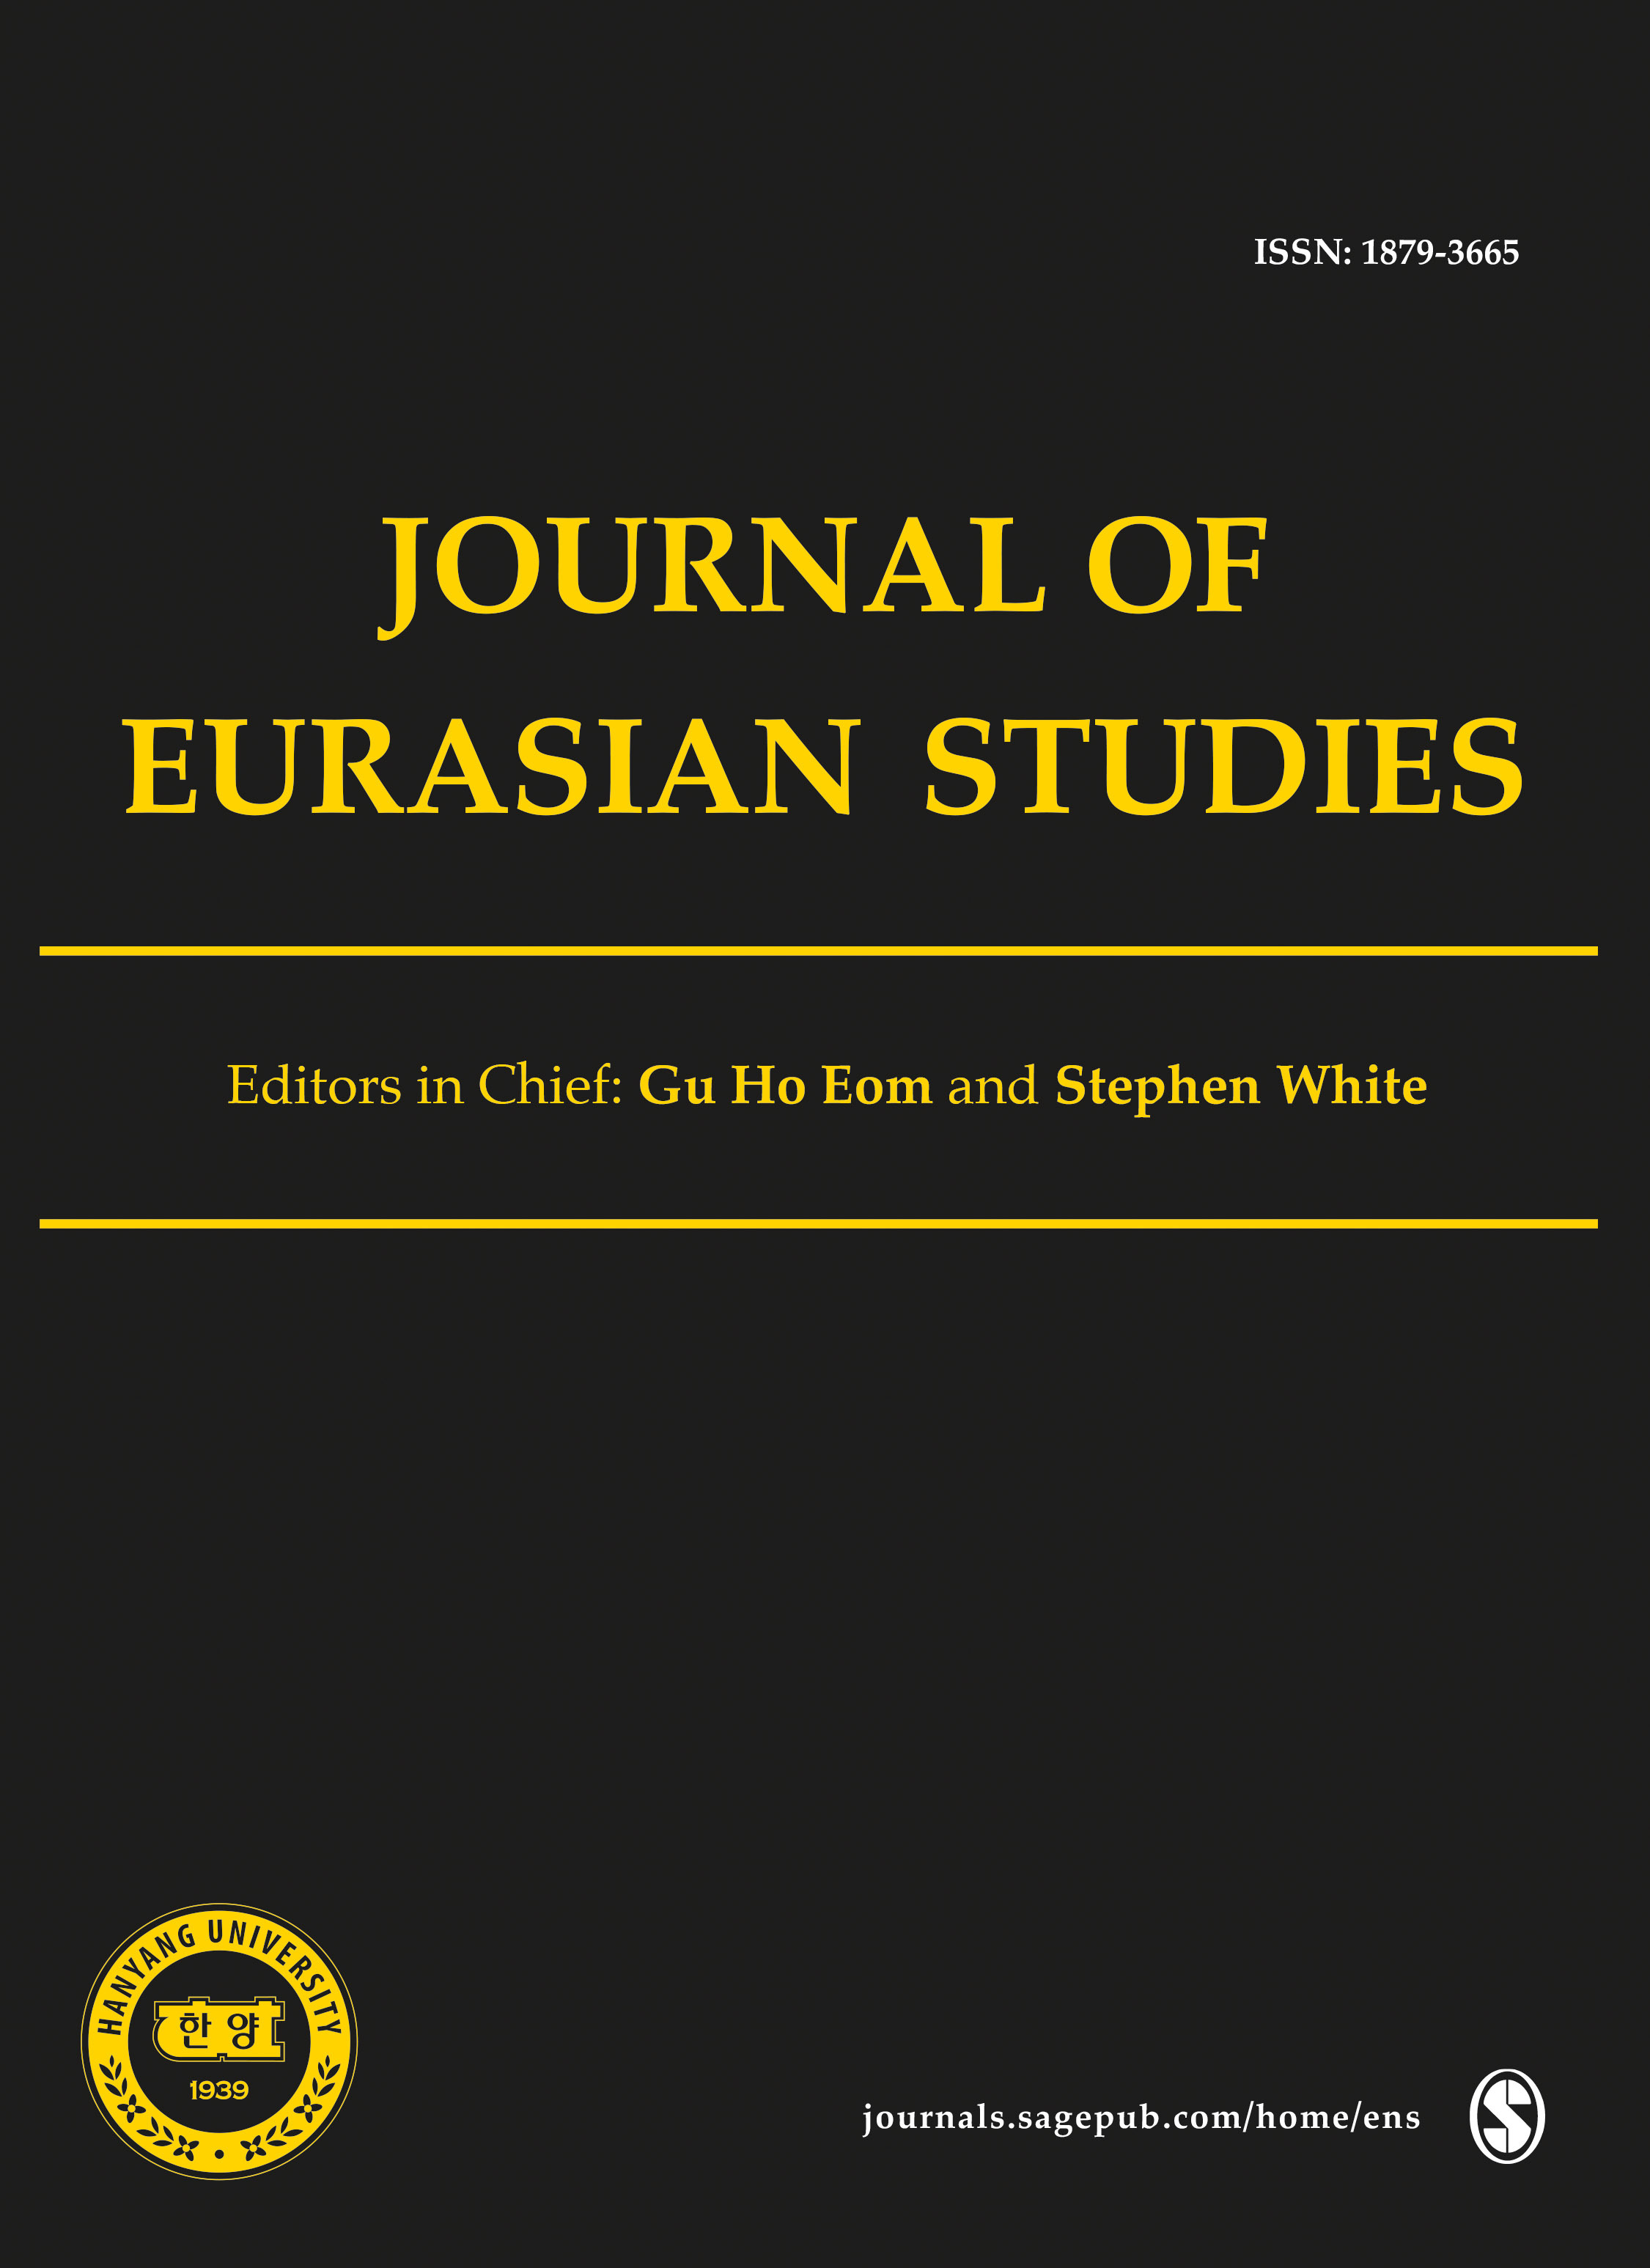 Journal of Eurasian Studies